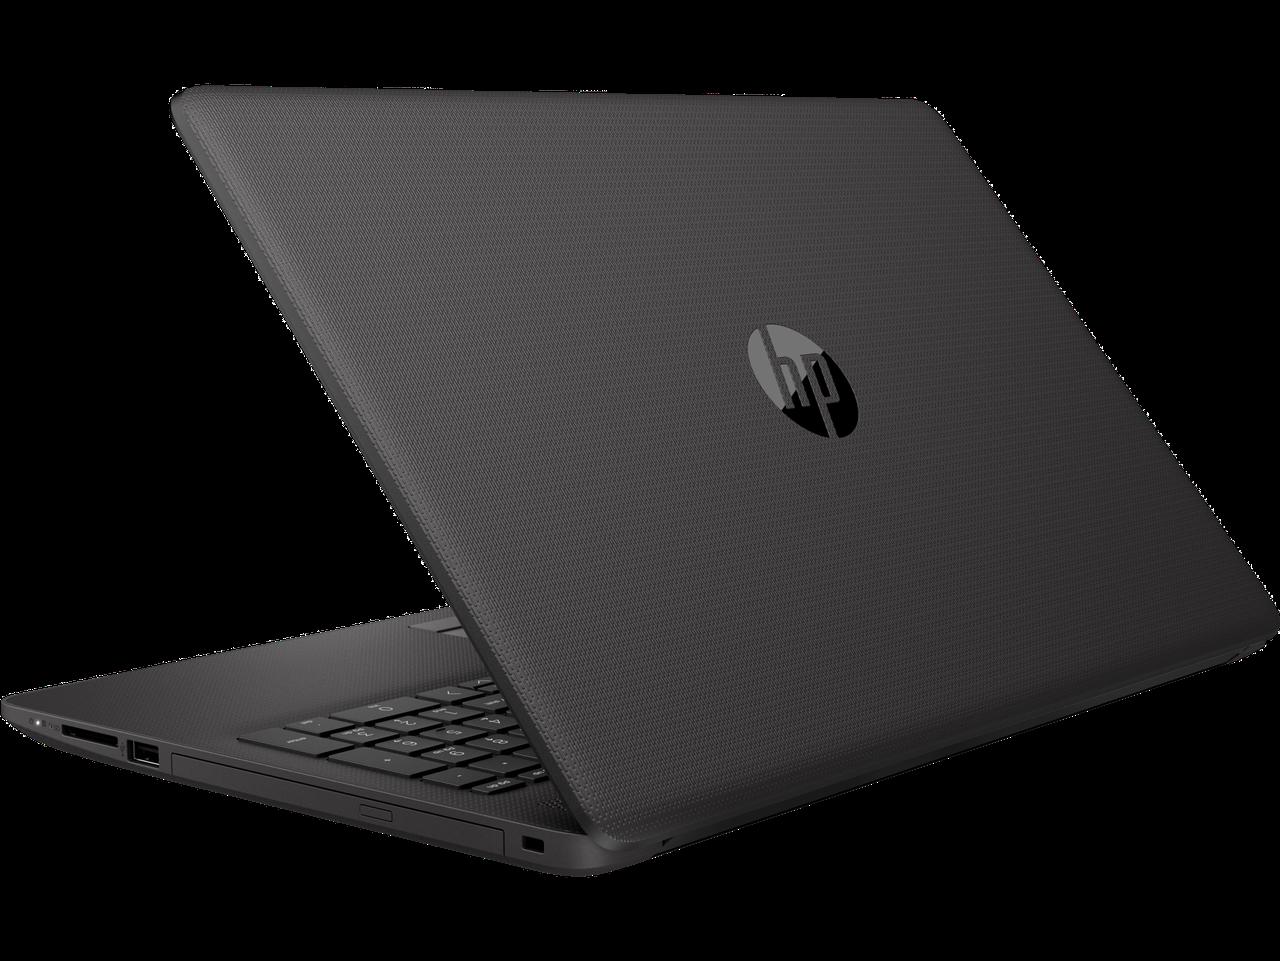 Ноутбук HP 250 G7 15.6'HD/Pentium N5030/8Gb/256Gb SSD/Dos (2M2Y9ES) - фото 2